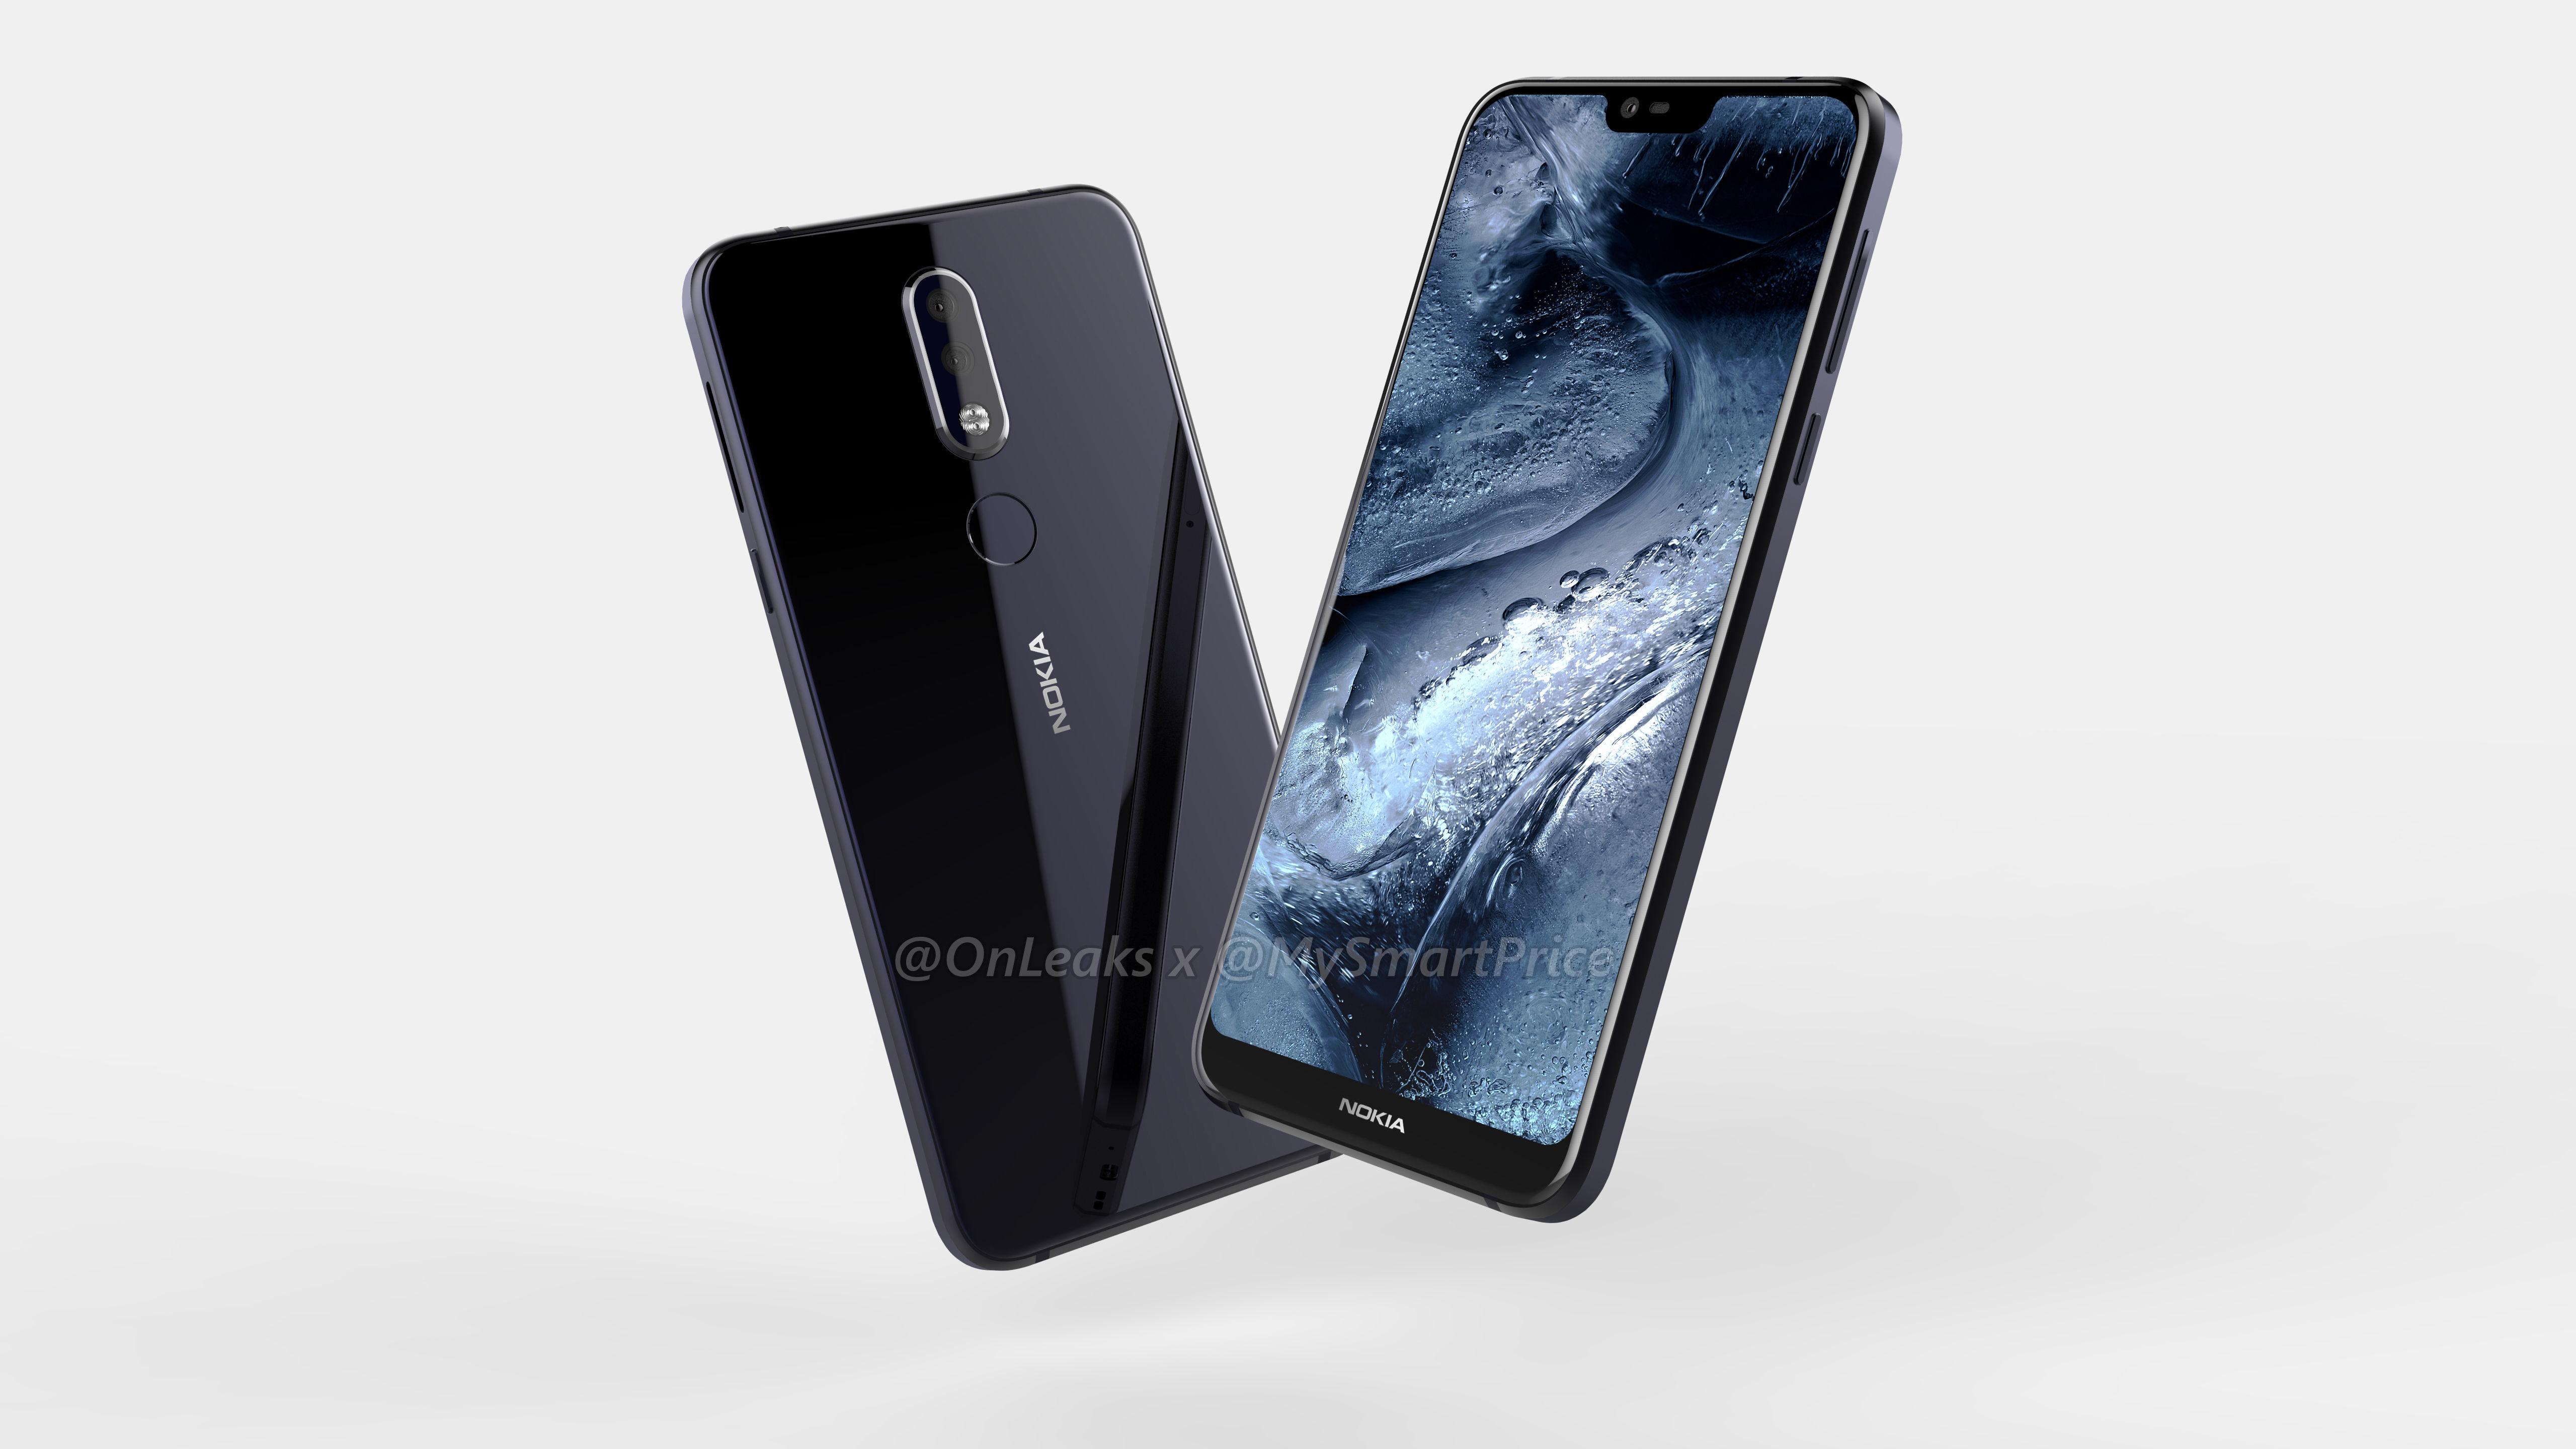 4d9a2f026b1 Nokia 7.1 Plus Price in India